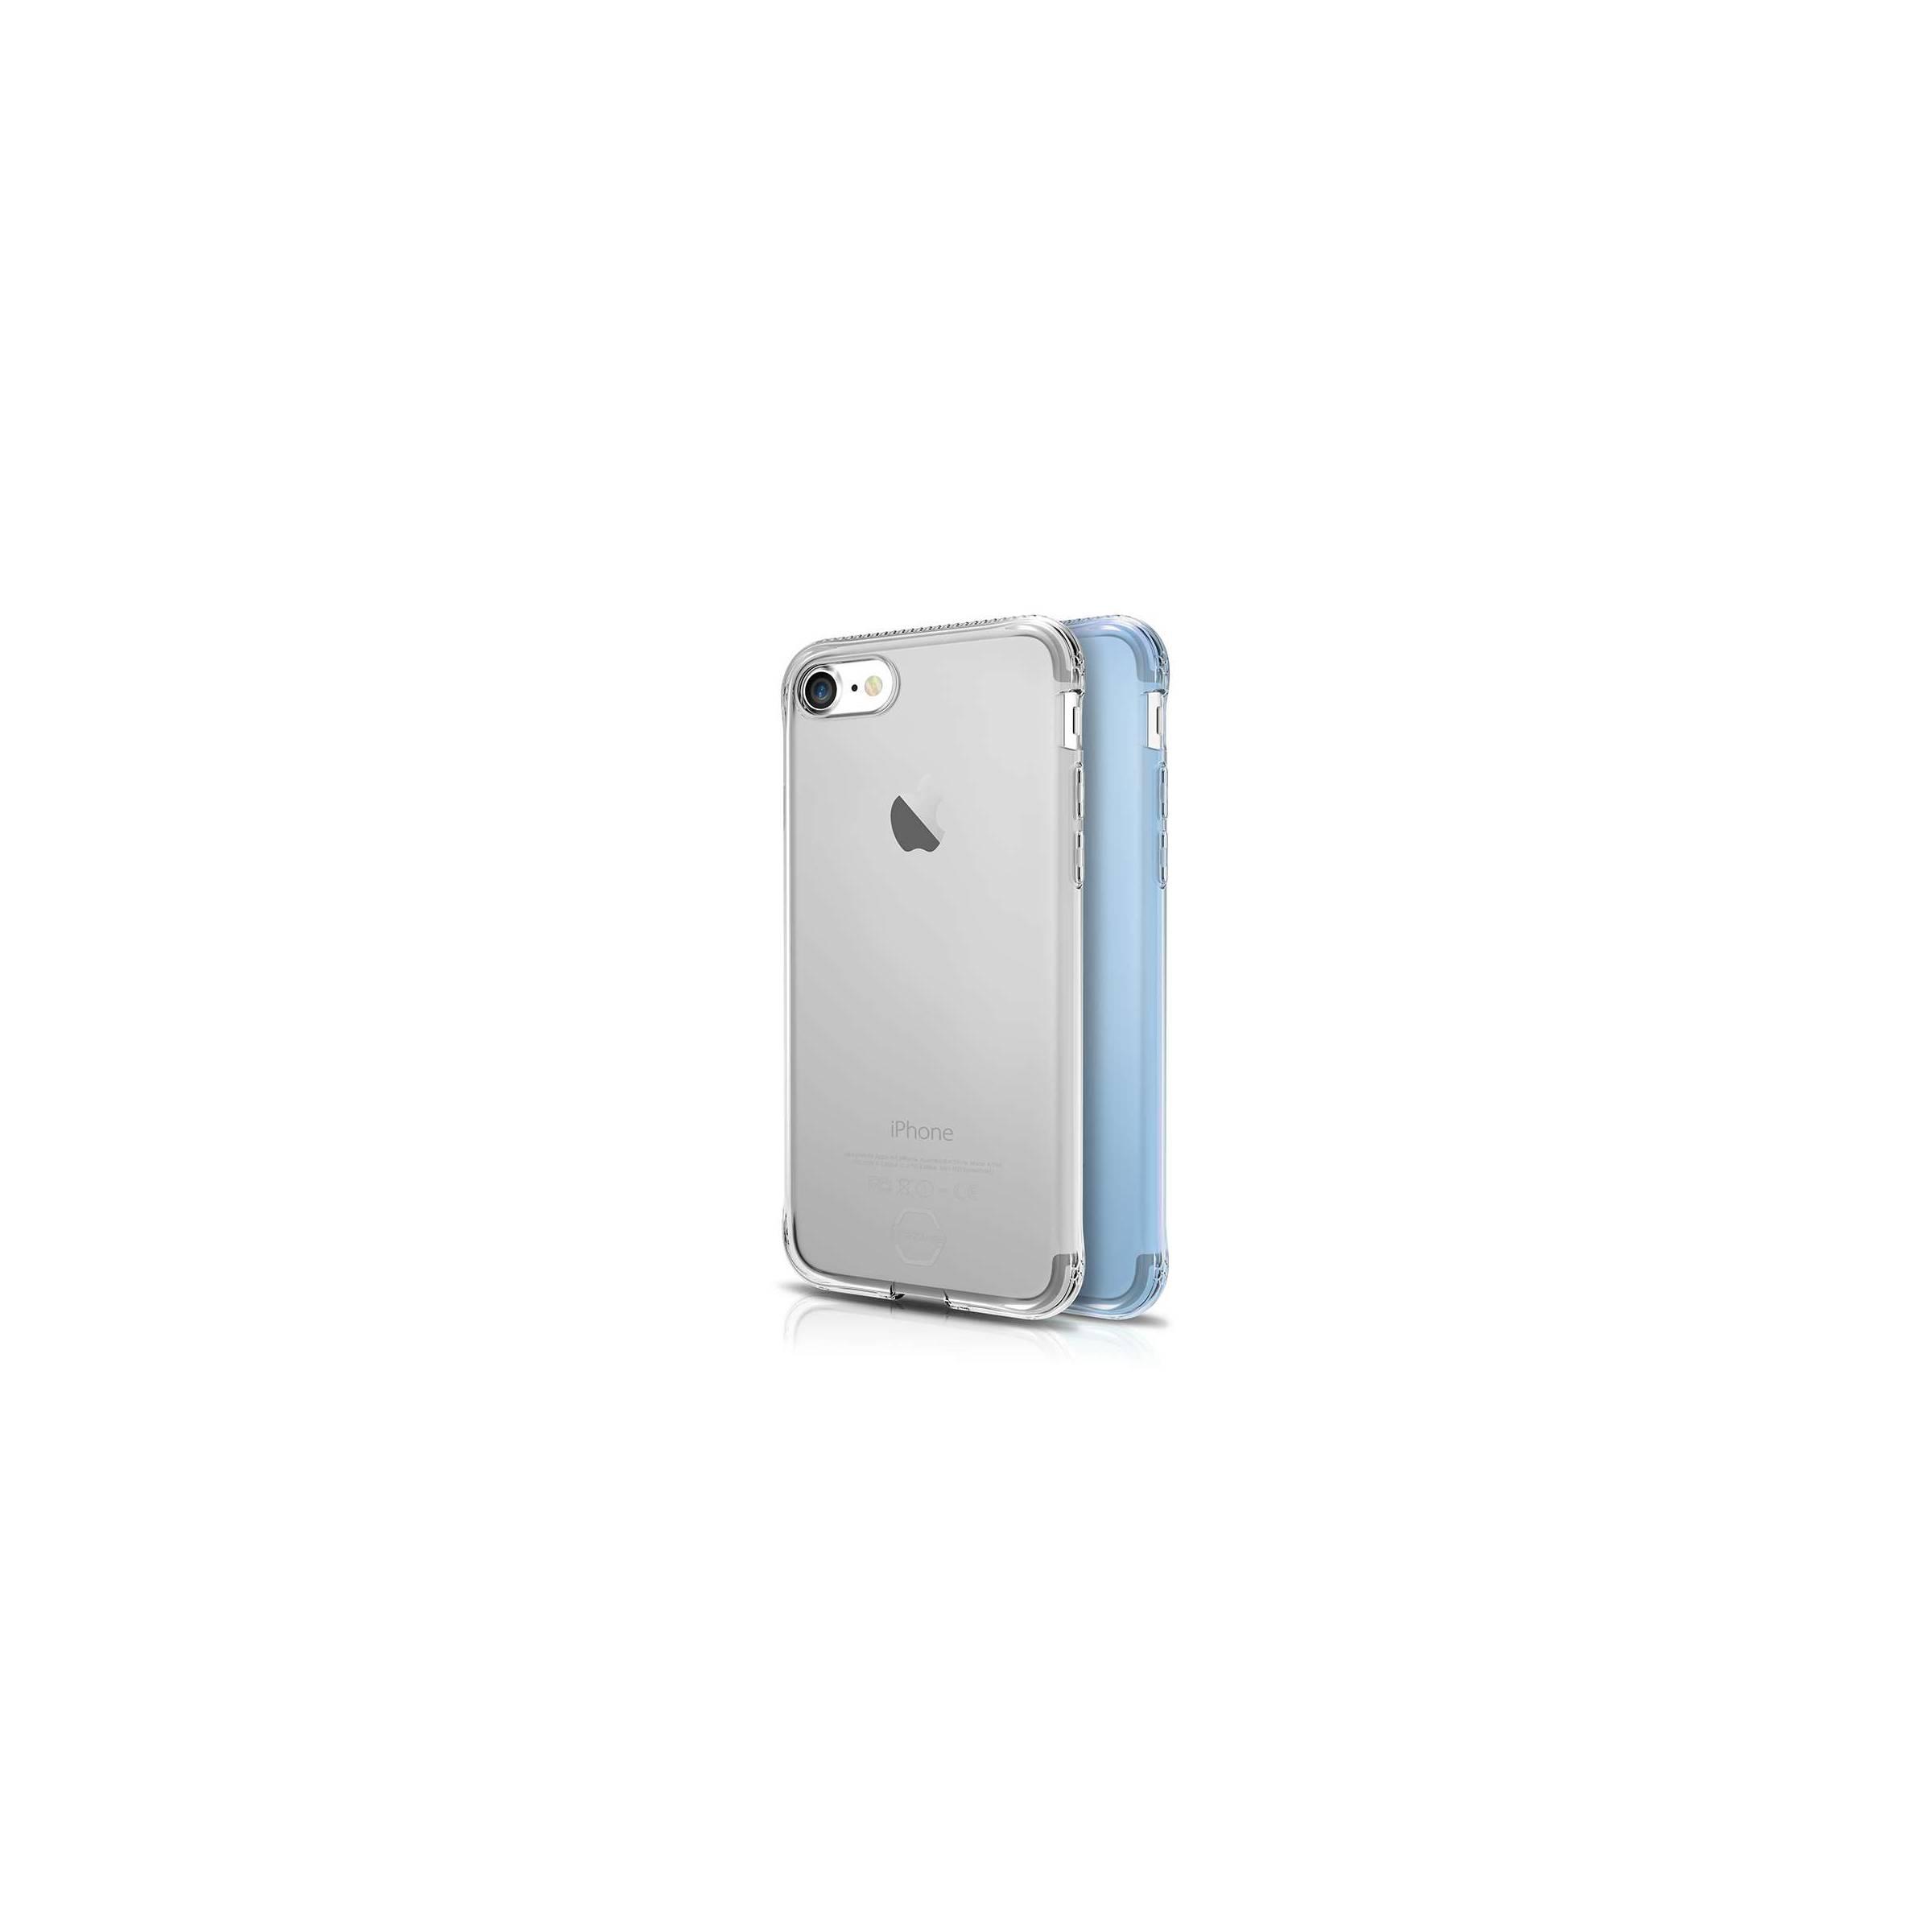 Itskins slim silikone protect gel iphone 7 & 8 cover dobbelt 2x pakke farve klar & lyseblå fra itskins på mackabler.dk